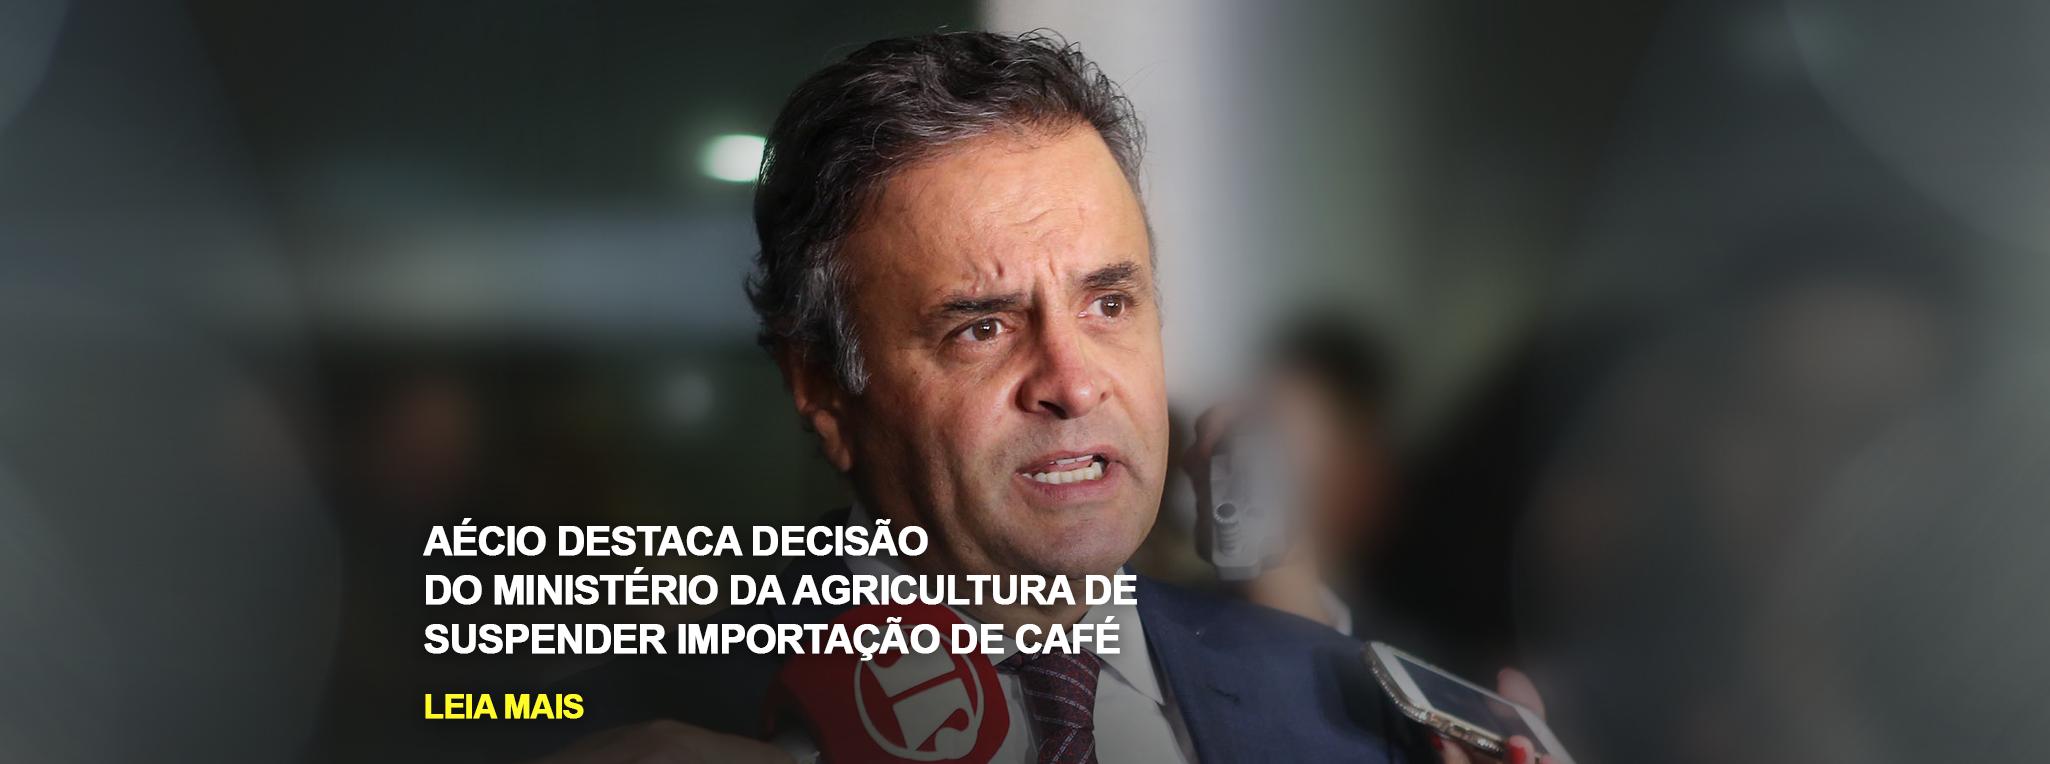 Aécio destaca decisão do Ministério da Agricultura de suspender importação de café